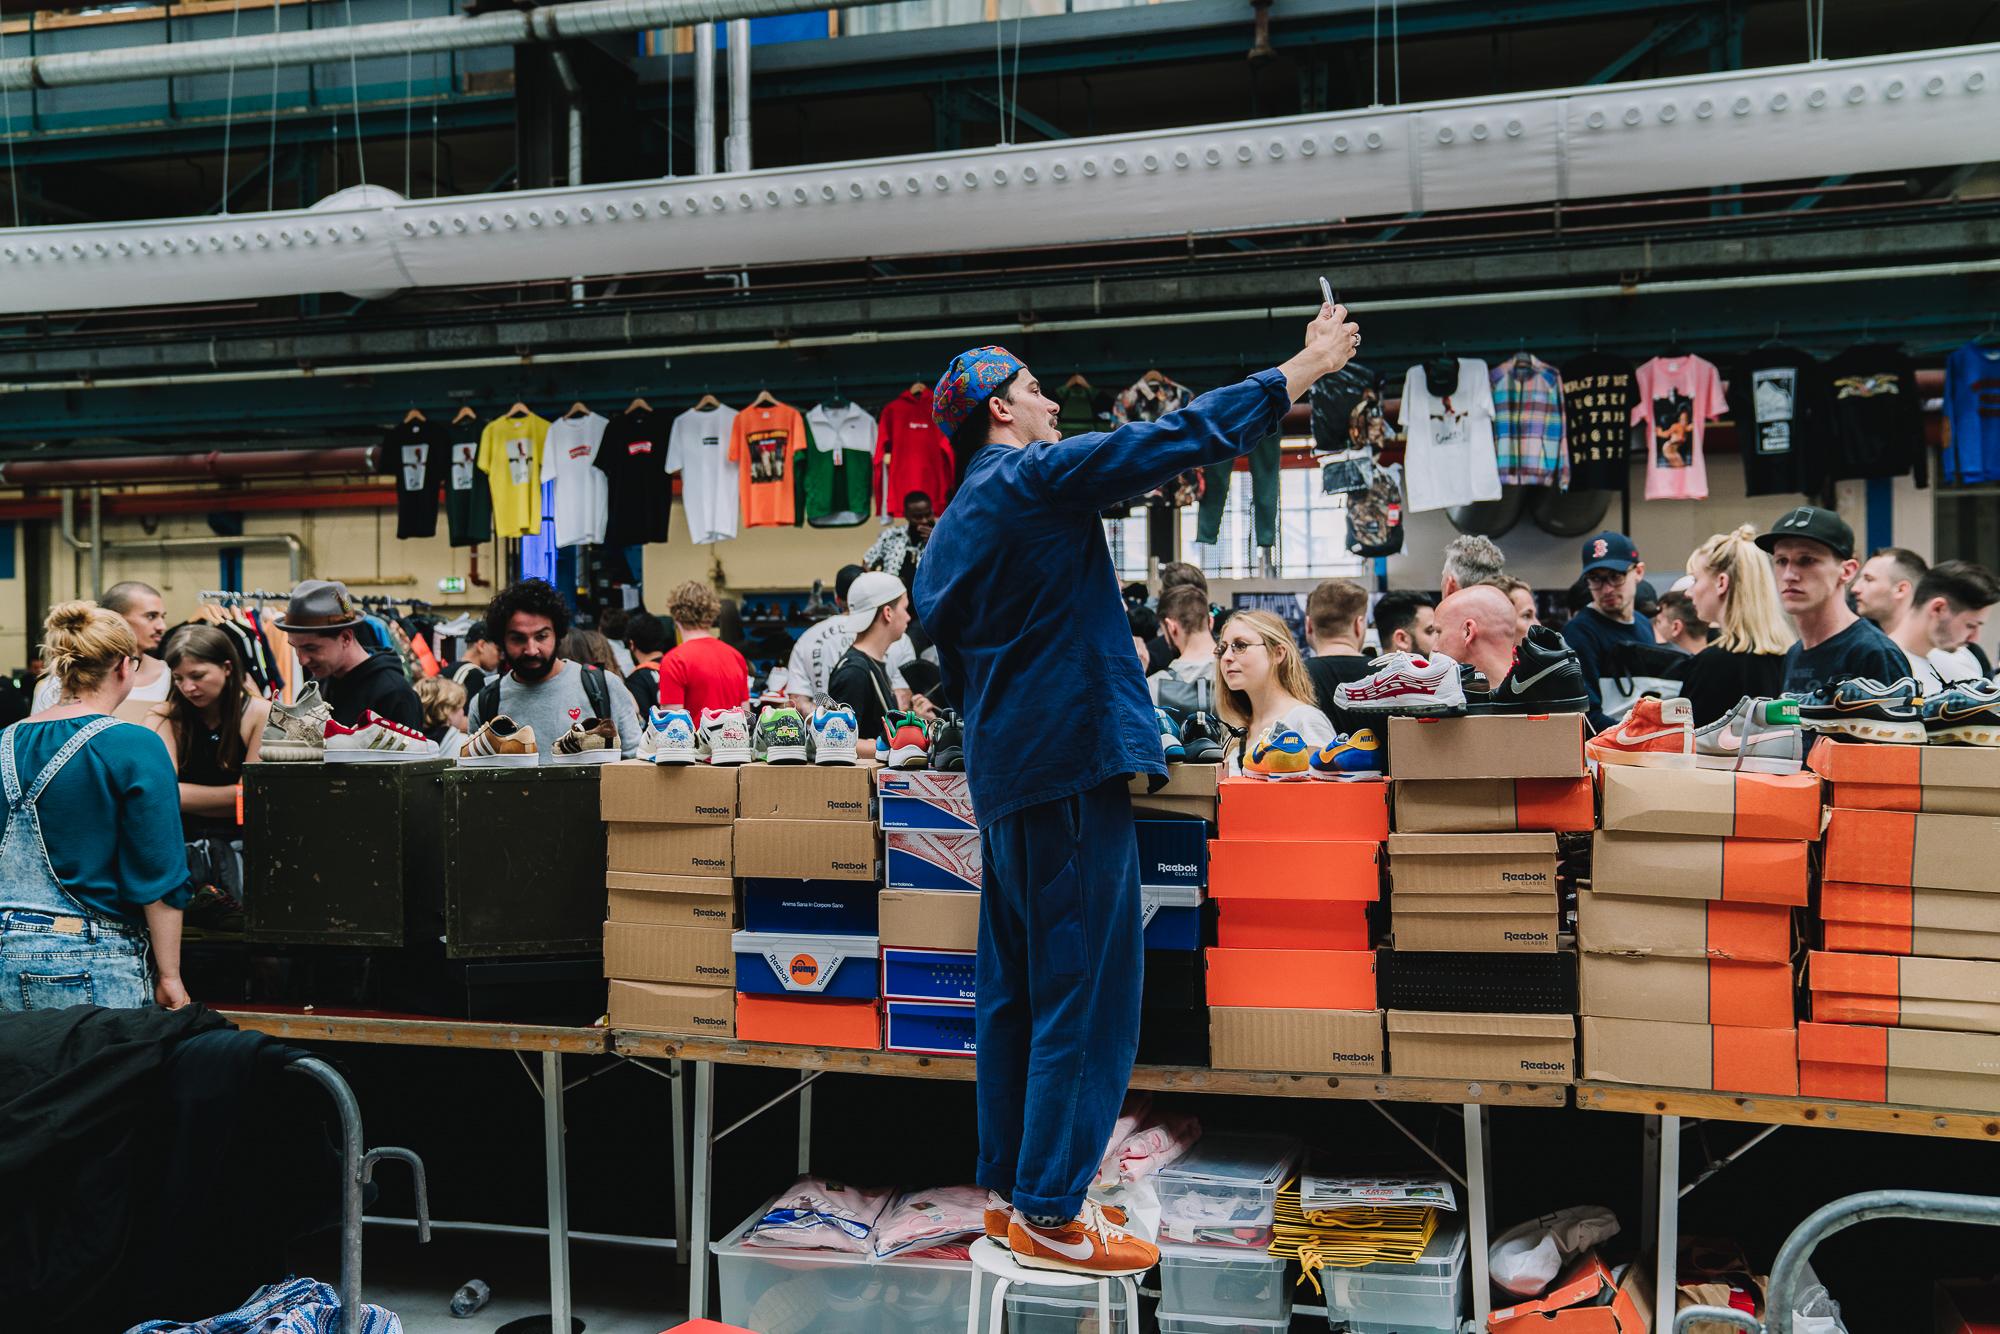 runnerewally_for_sneakerness_amsterdam_2017-99.jpg